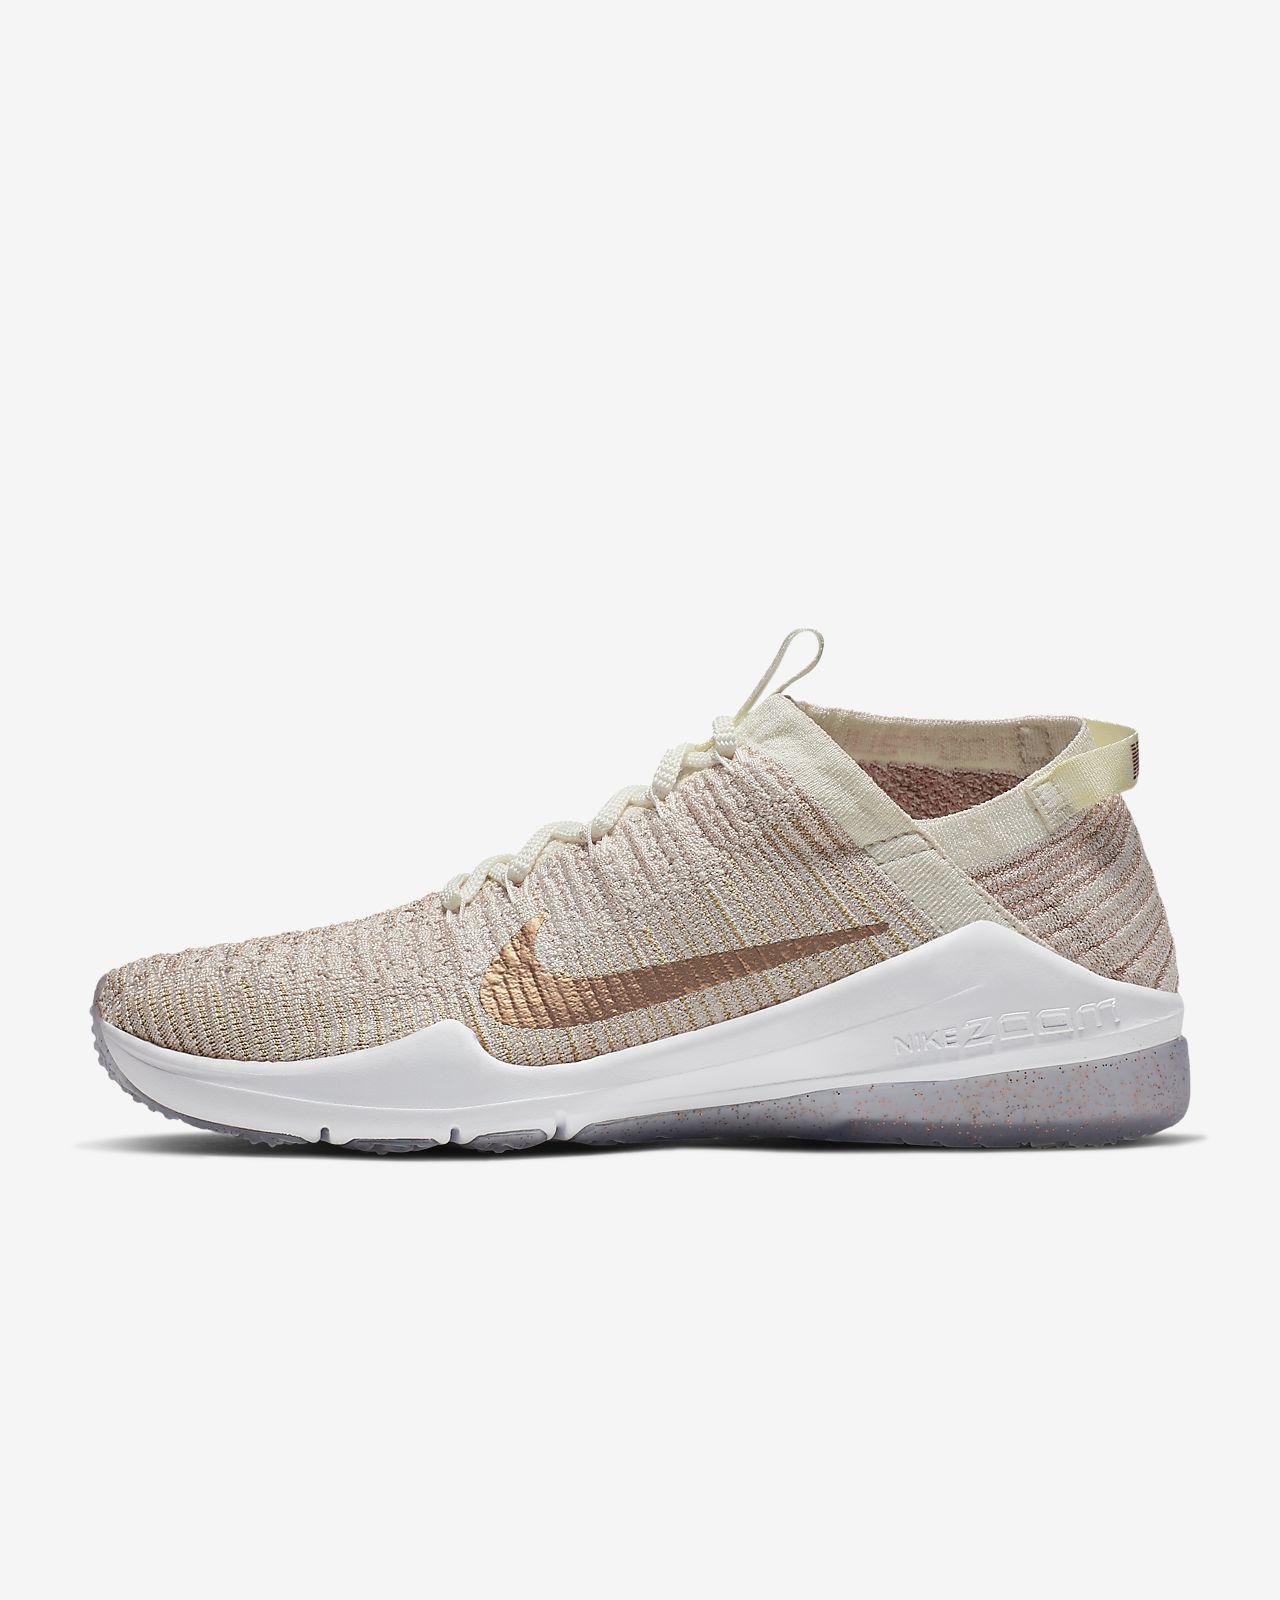 1aed287c2 ... Nike Air Zoom Fearless Flyknit 2 Metallic Zapatillas de entrenamiento -  Mujer